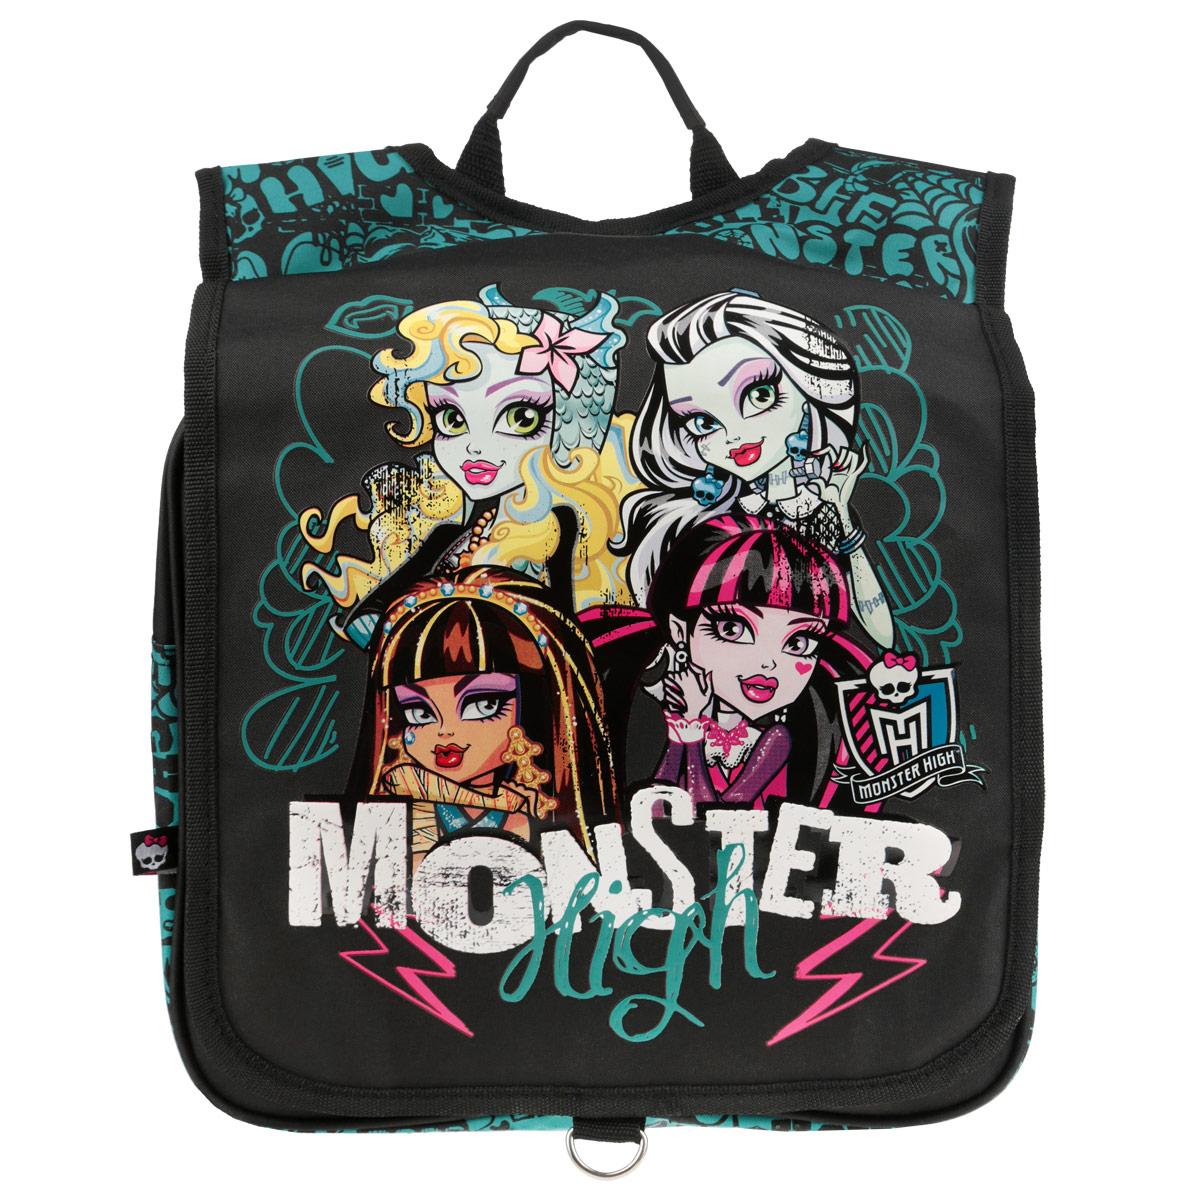 Рюкзак Monster High, цвет: черный, бирюзовый. MHBA-UT1-38272523WDРюкзак Monster Highвыполнен из прочного полиэстера черного цвета и оформлен изображением героинь Monster High.Рюкзак состоит из одного вместительного отделения, застегивающегося на застежку-молнию. Сверху имеется накидной клапан на липучке.Рюкзак оснащен широкими мягкими лямками, регулируемыми по длине, которые равномерно распределяют нагрузку на плечевой пояс, и удобной ручкой для переноски в руке.